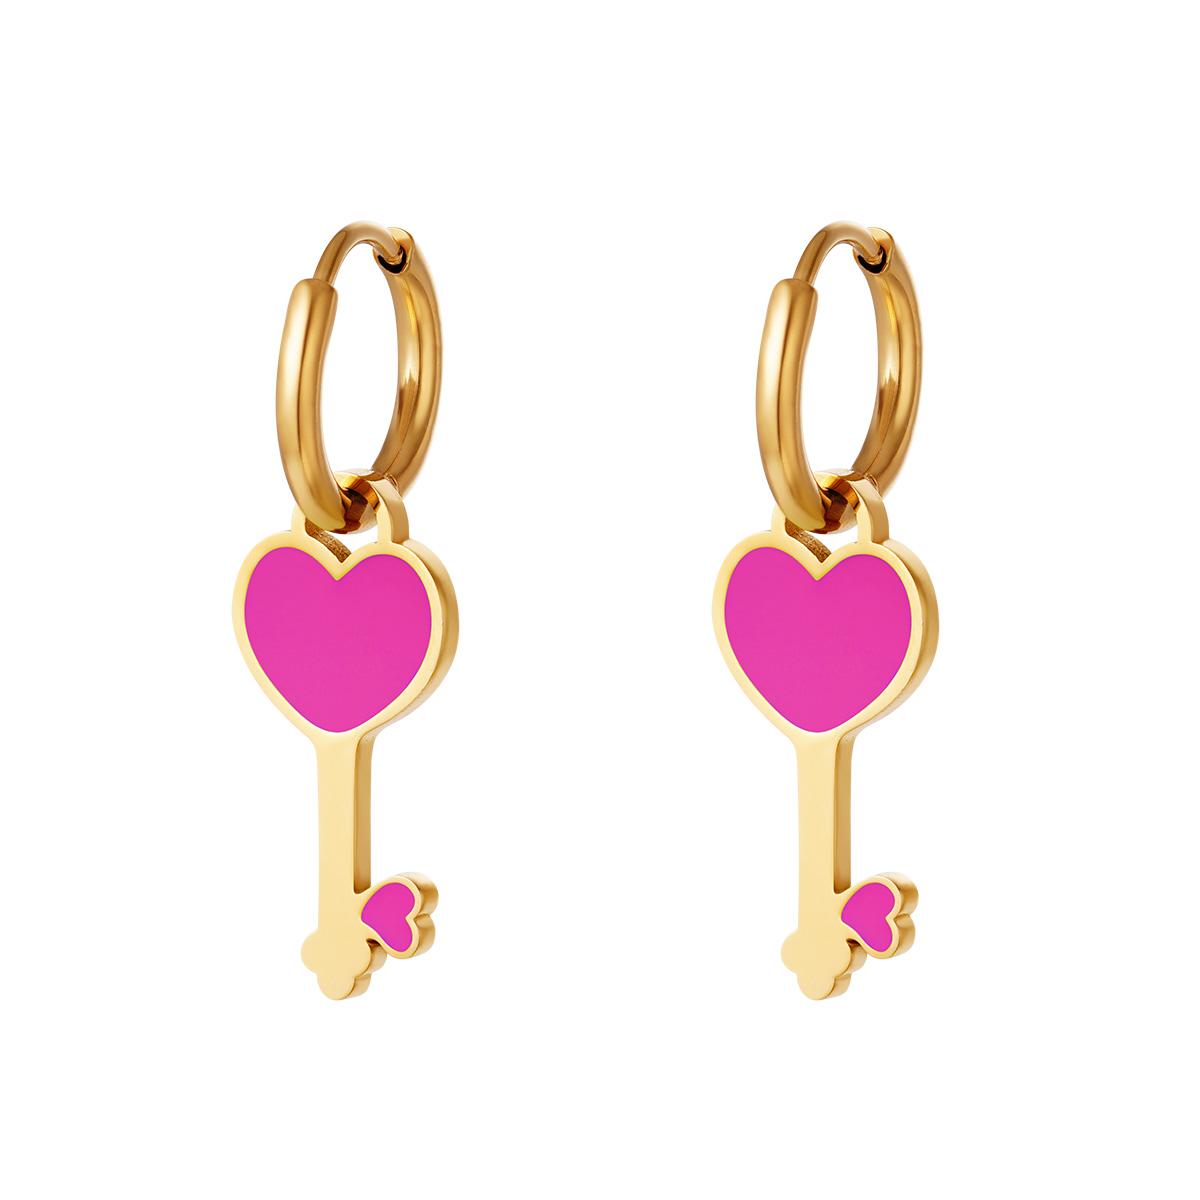 RVS Oorbel Colorful Heartkey gouden oorbellen met fuchsia hartje fashion sieraden kopen bestellen